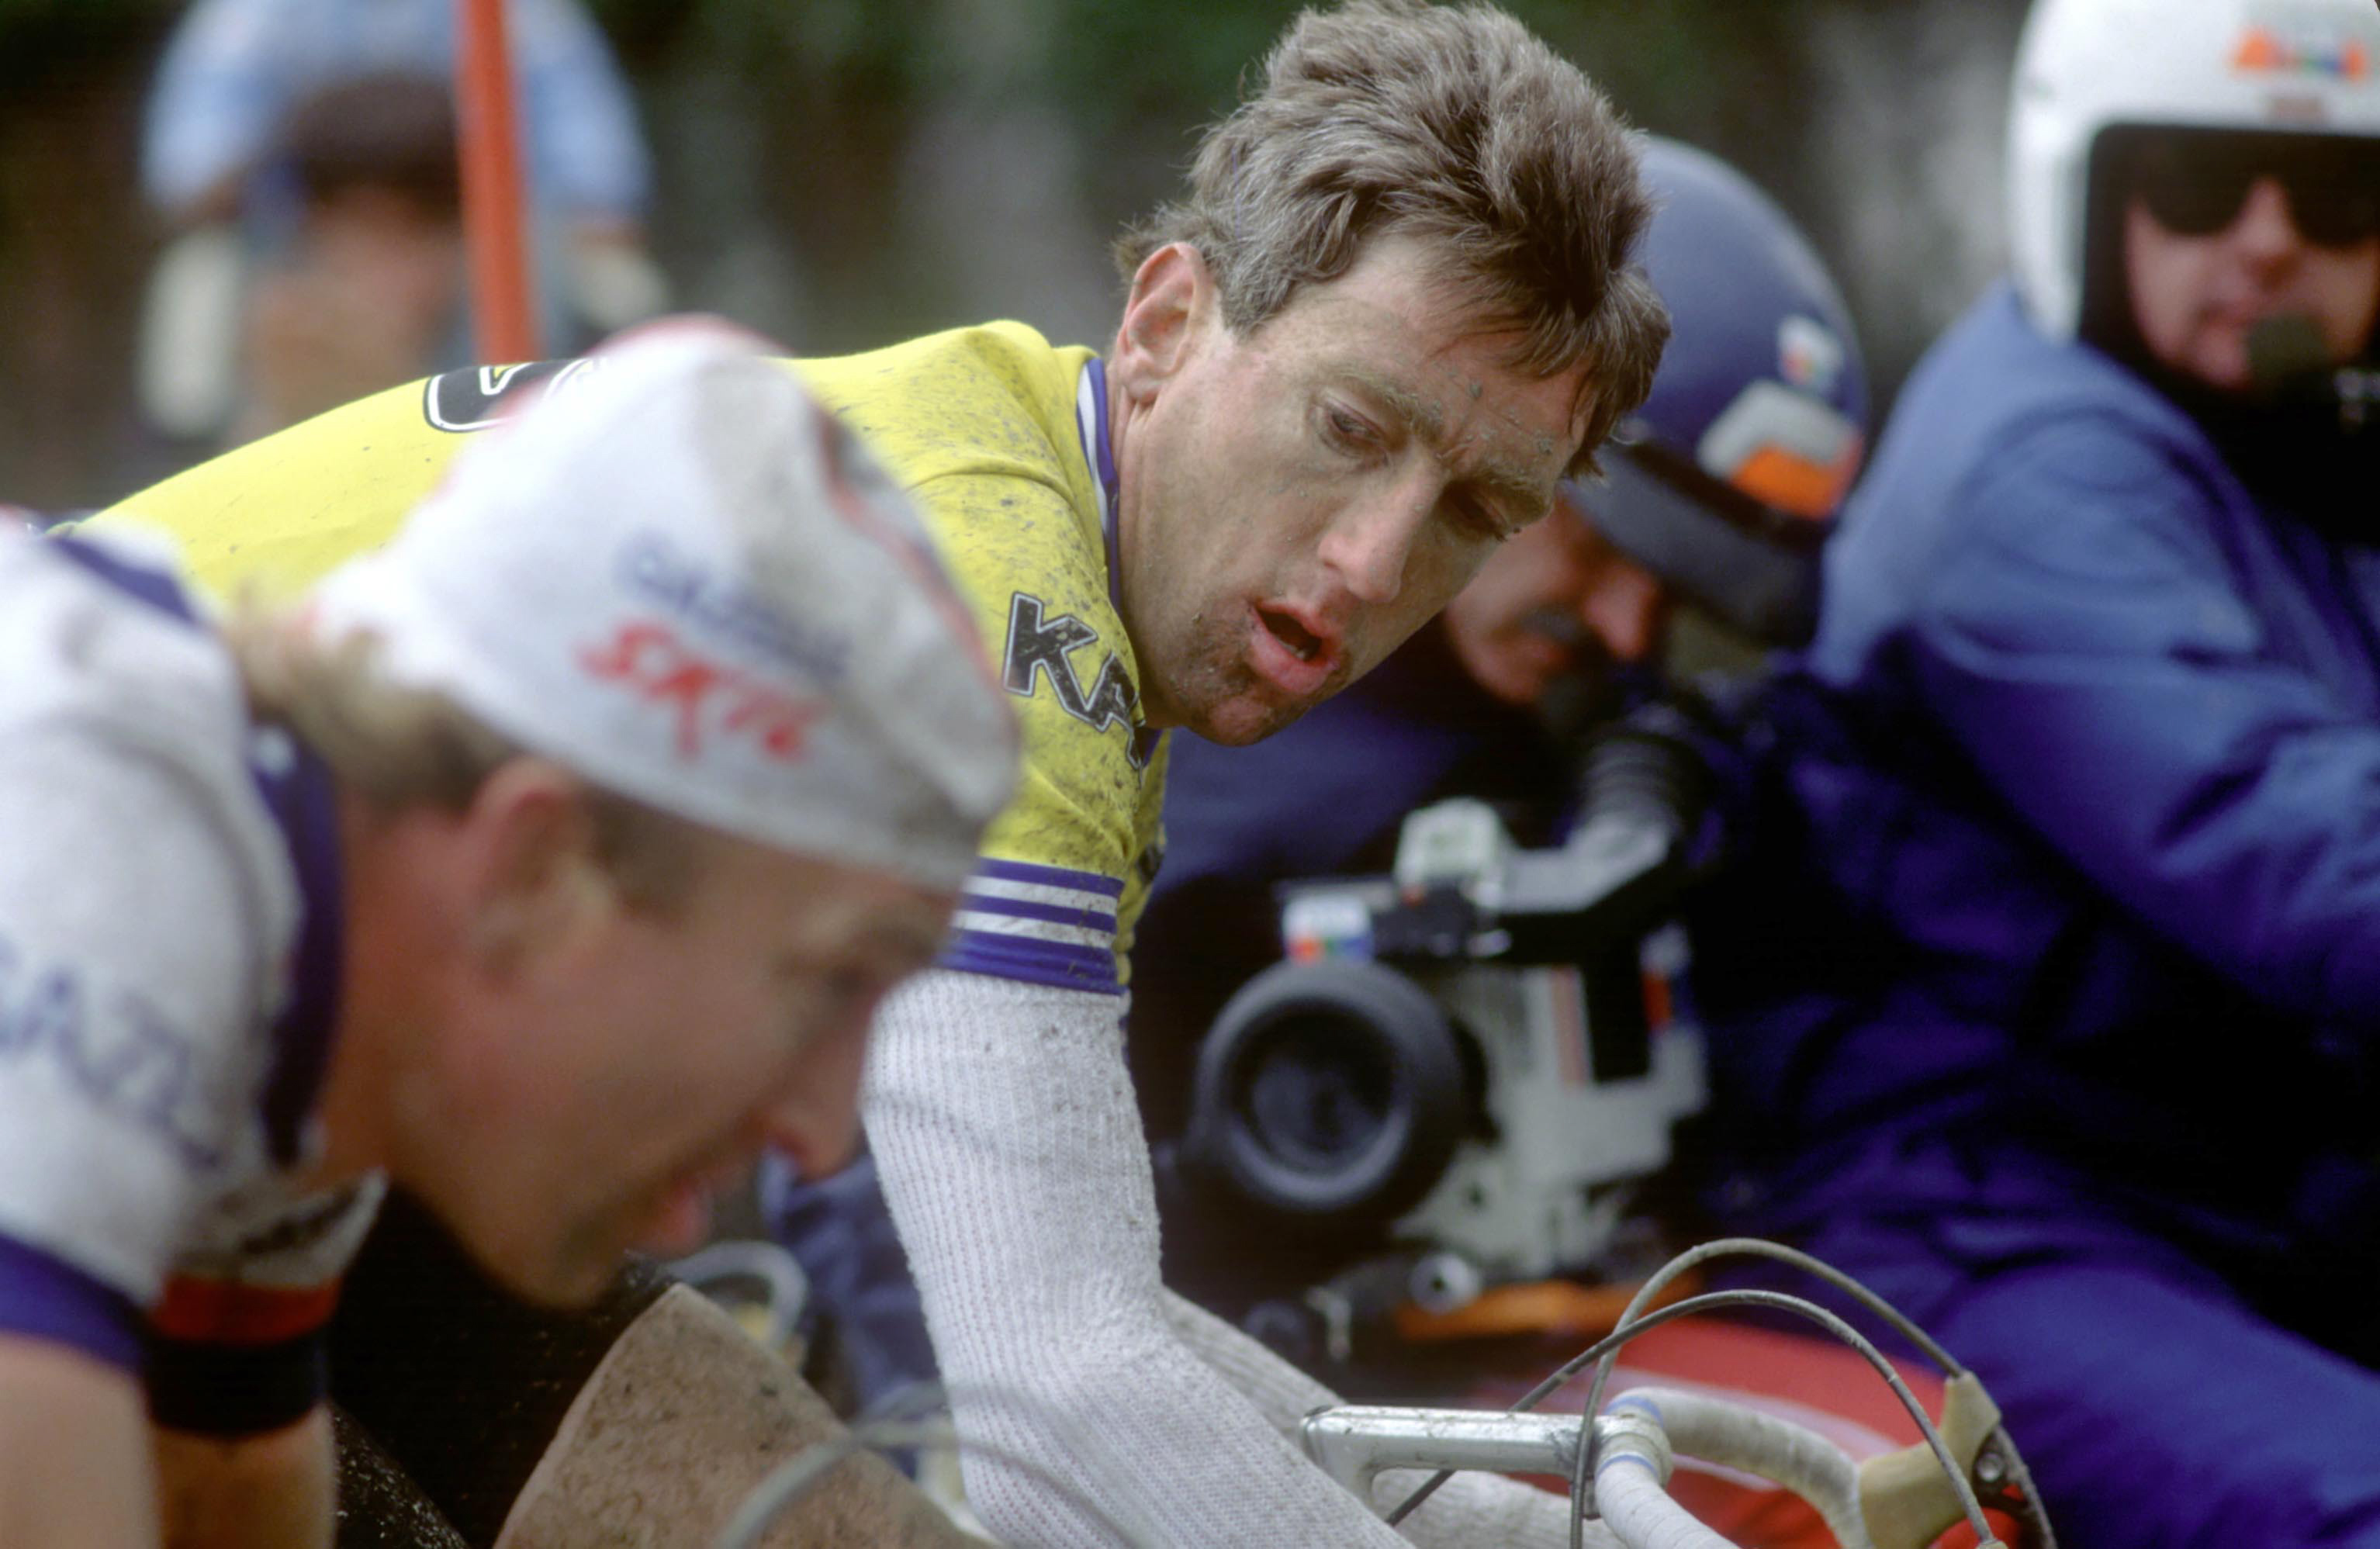 Vurderer: Kelly tar mål av konkurransen i Flandern 1985. Foto: Presse Sports